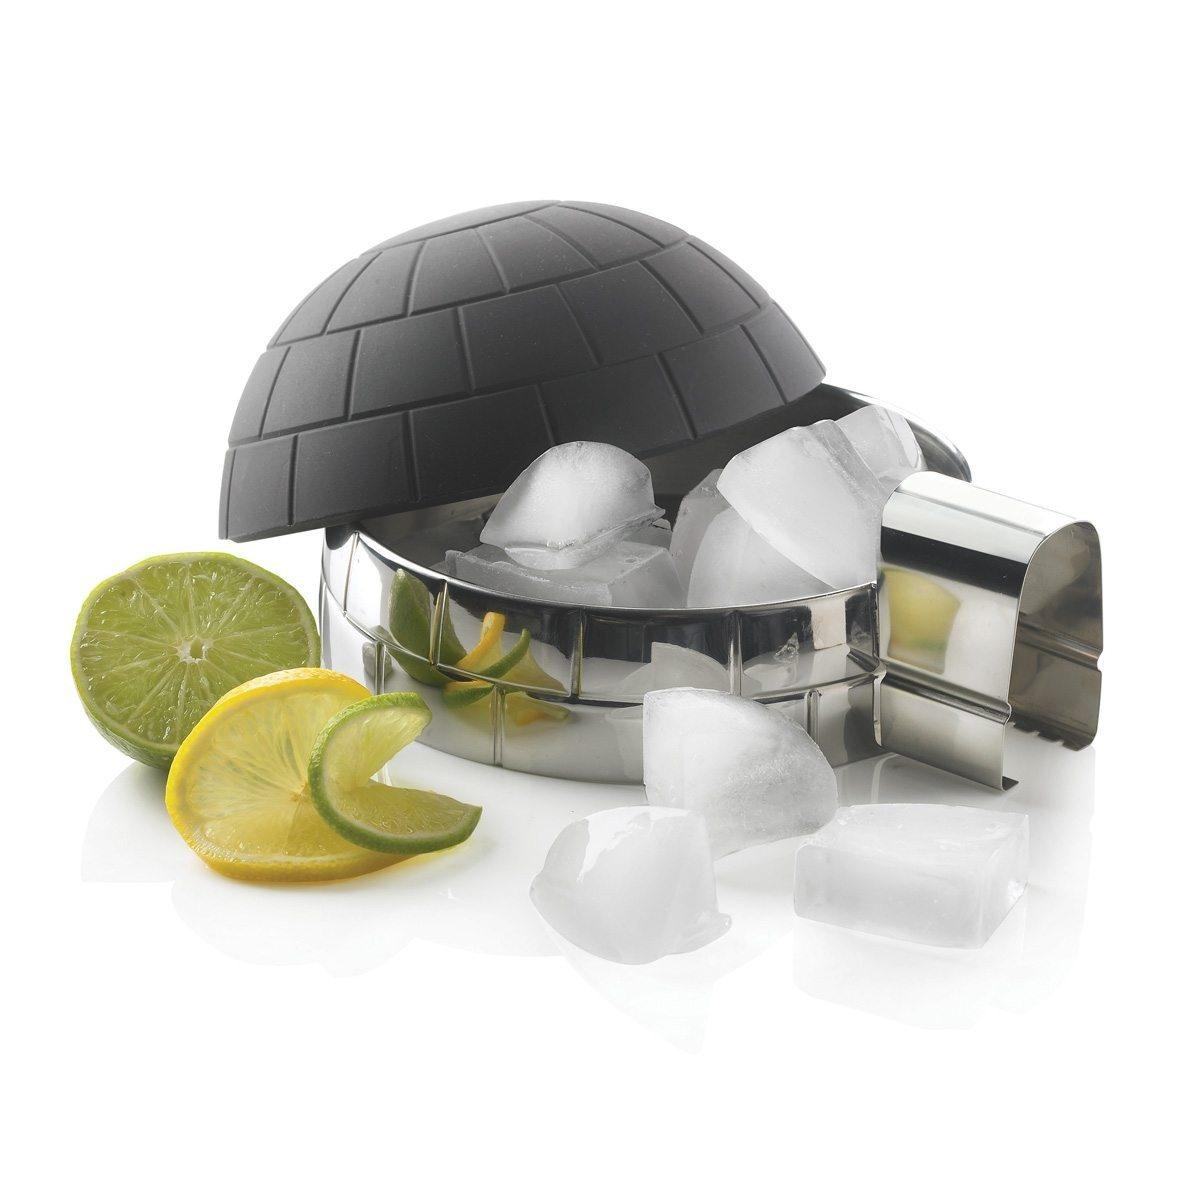 Igloo - der Eiswürfelbehälter